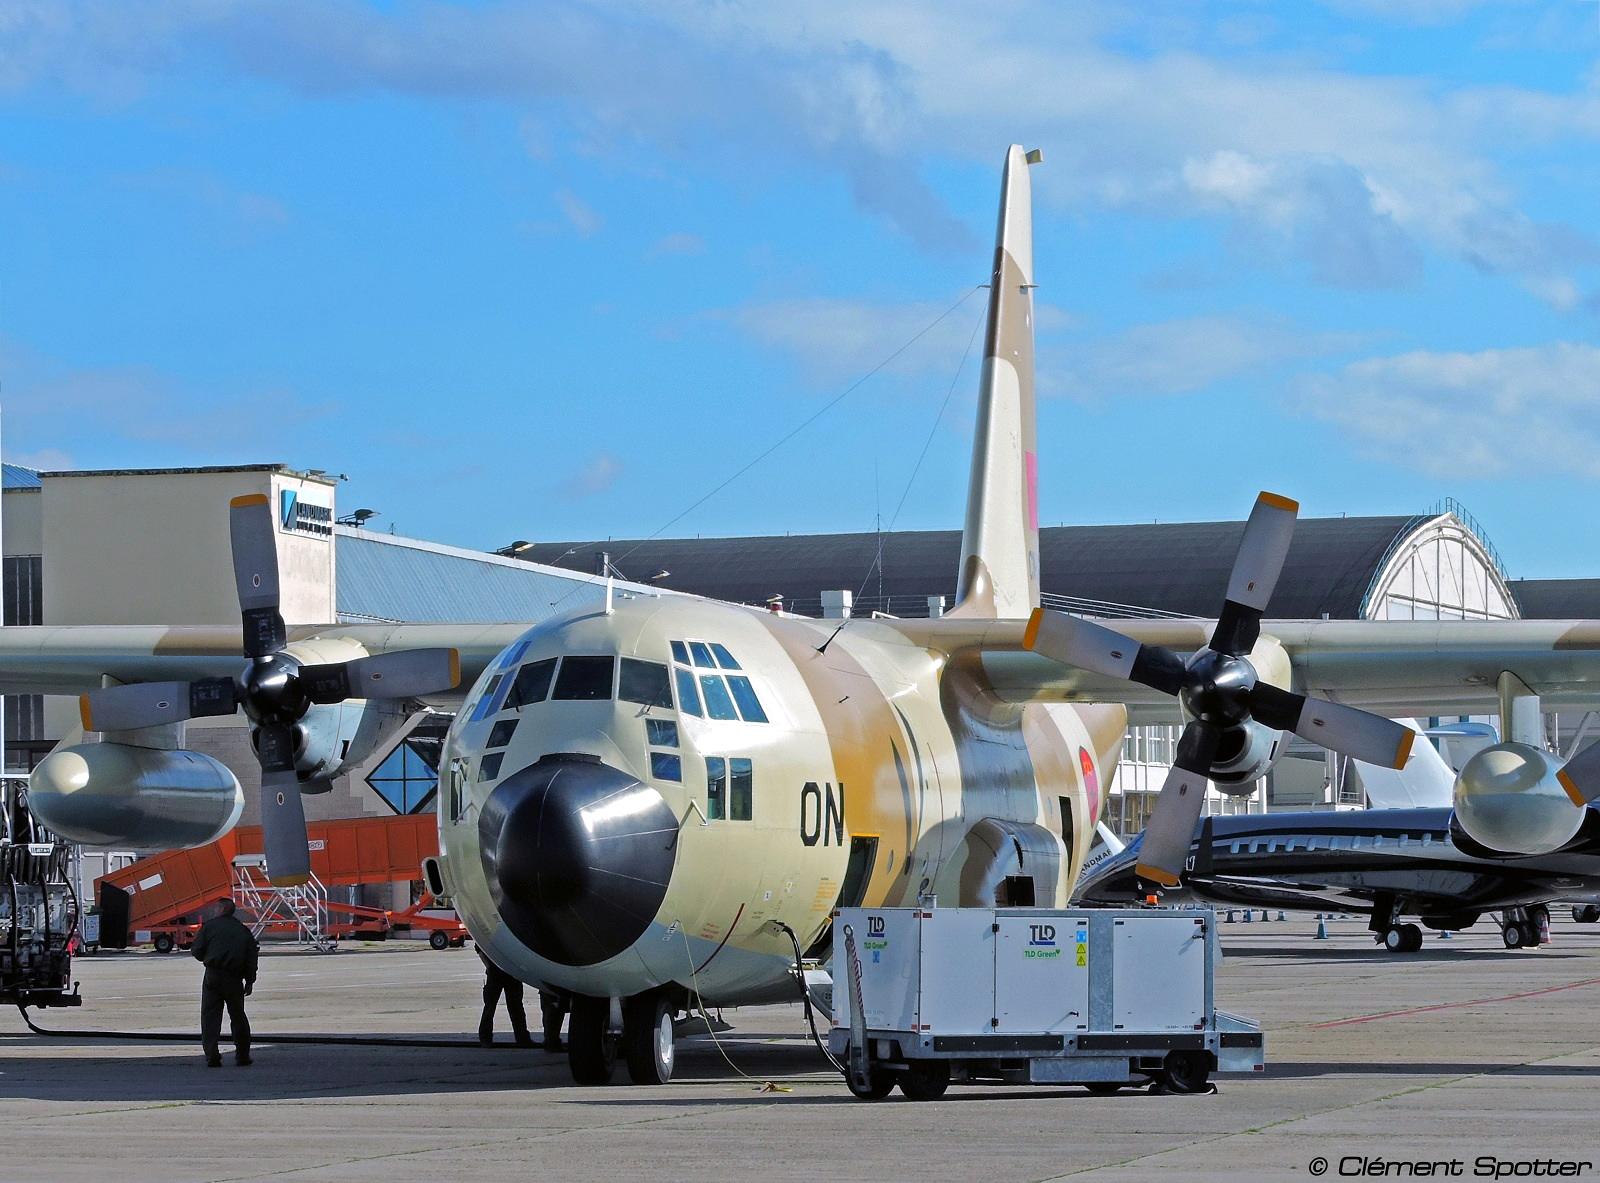 طائرات النقل العاملة بالقوات المسلحة المغربية - صفحة 2 151019052755835642